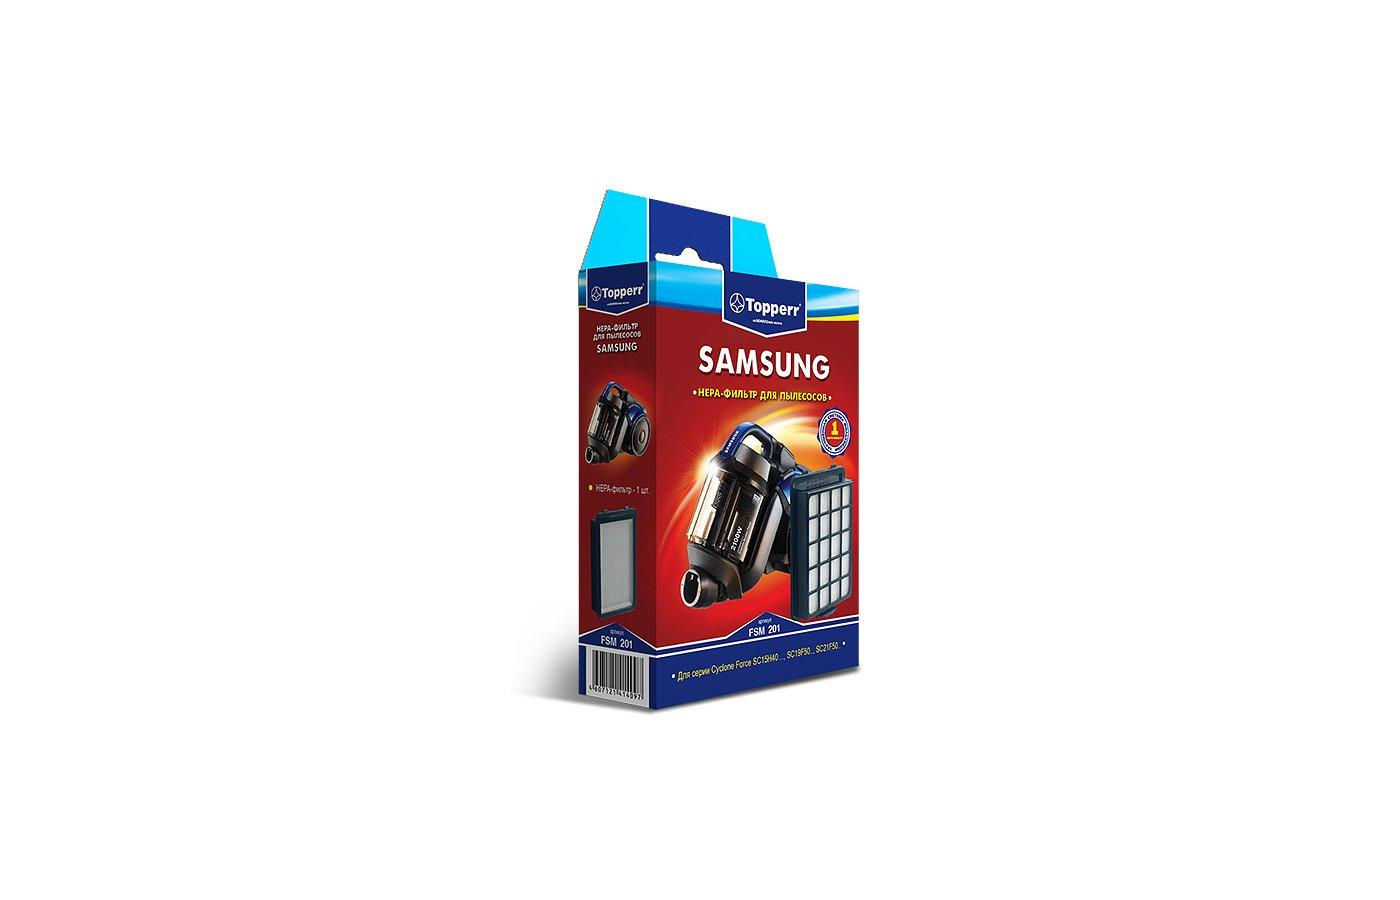 Фильтр для пылесоса TOPPERR 1148 FSM 201 Topperr HEPA-фильтр д/пылес SAMSUNG SC15H40...SC21F50..SC19F50..(DJ97-01962A)